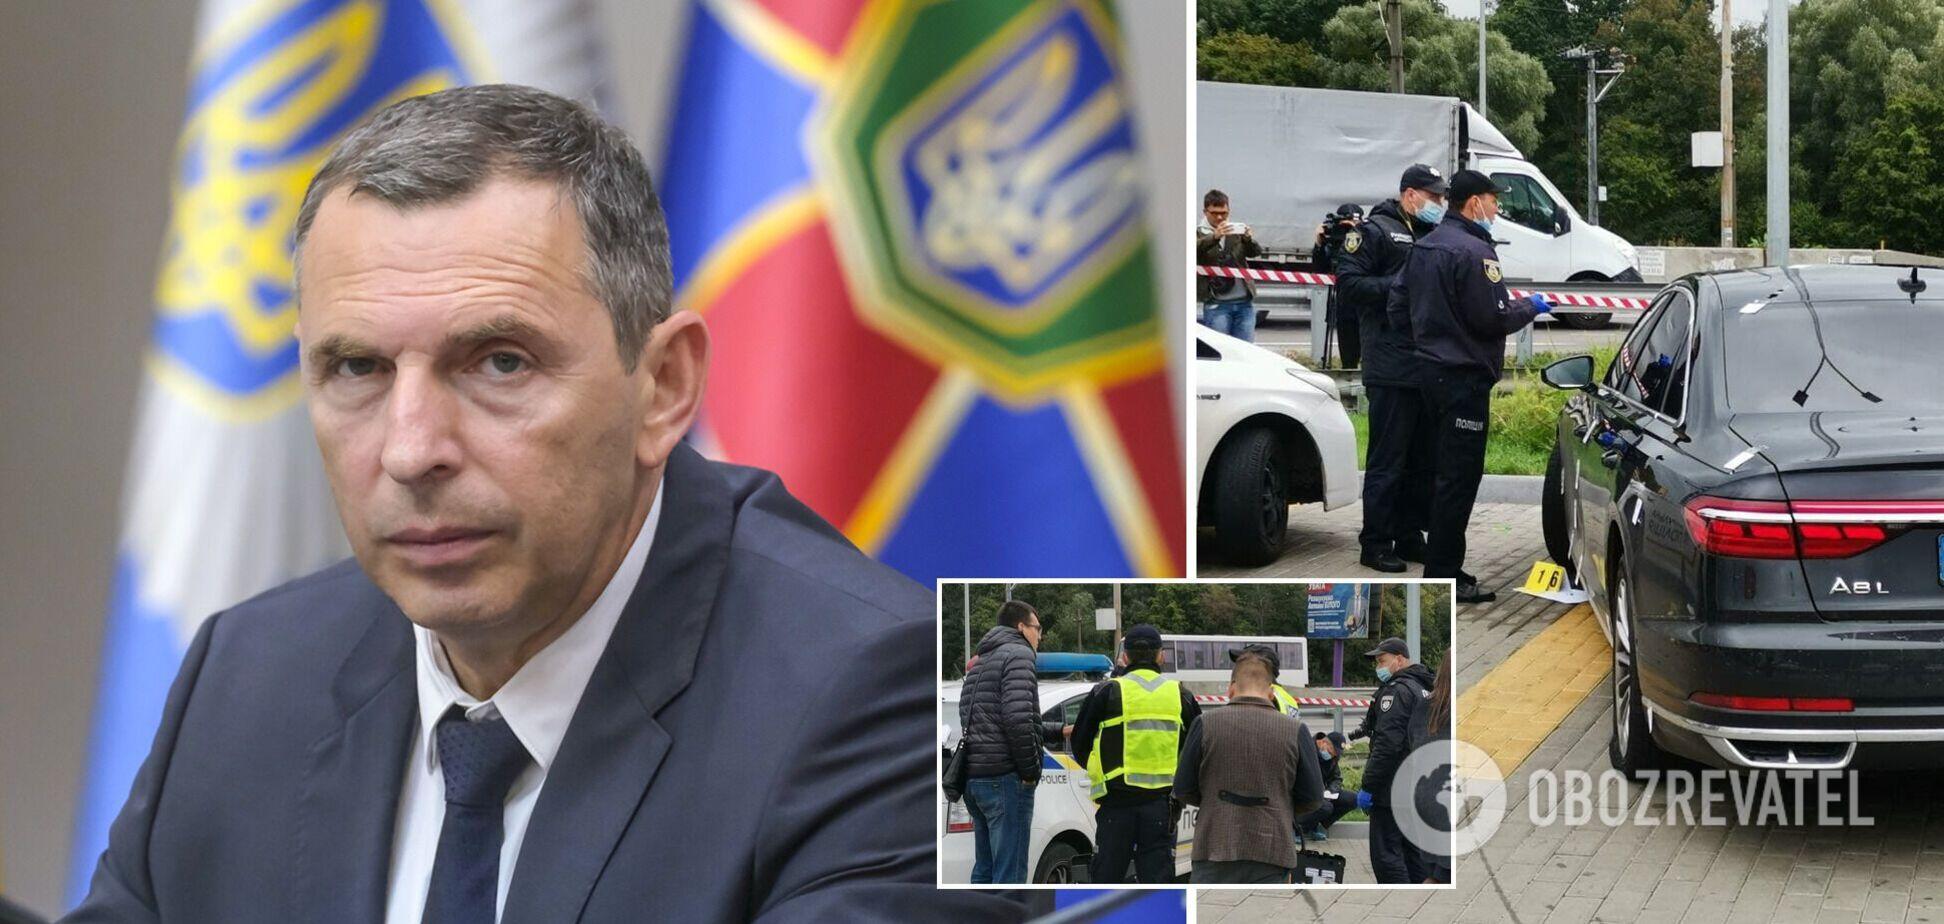 На радника президента Шефіра було скоєно замах, поранено водія. Фото, відео та всі подробиці